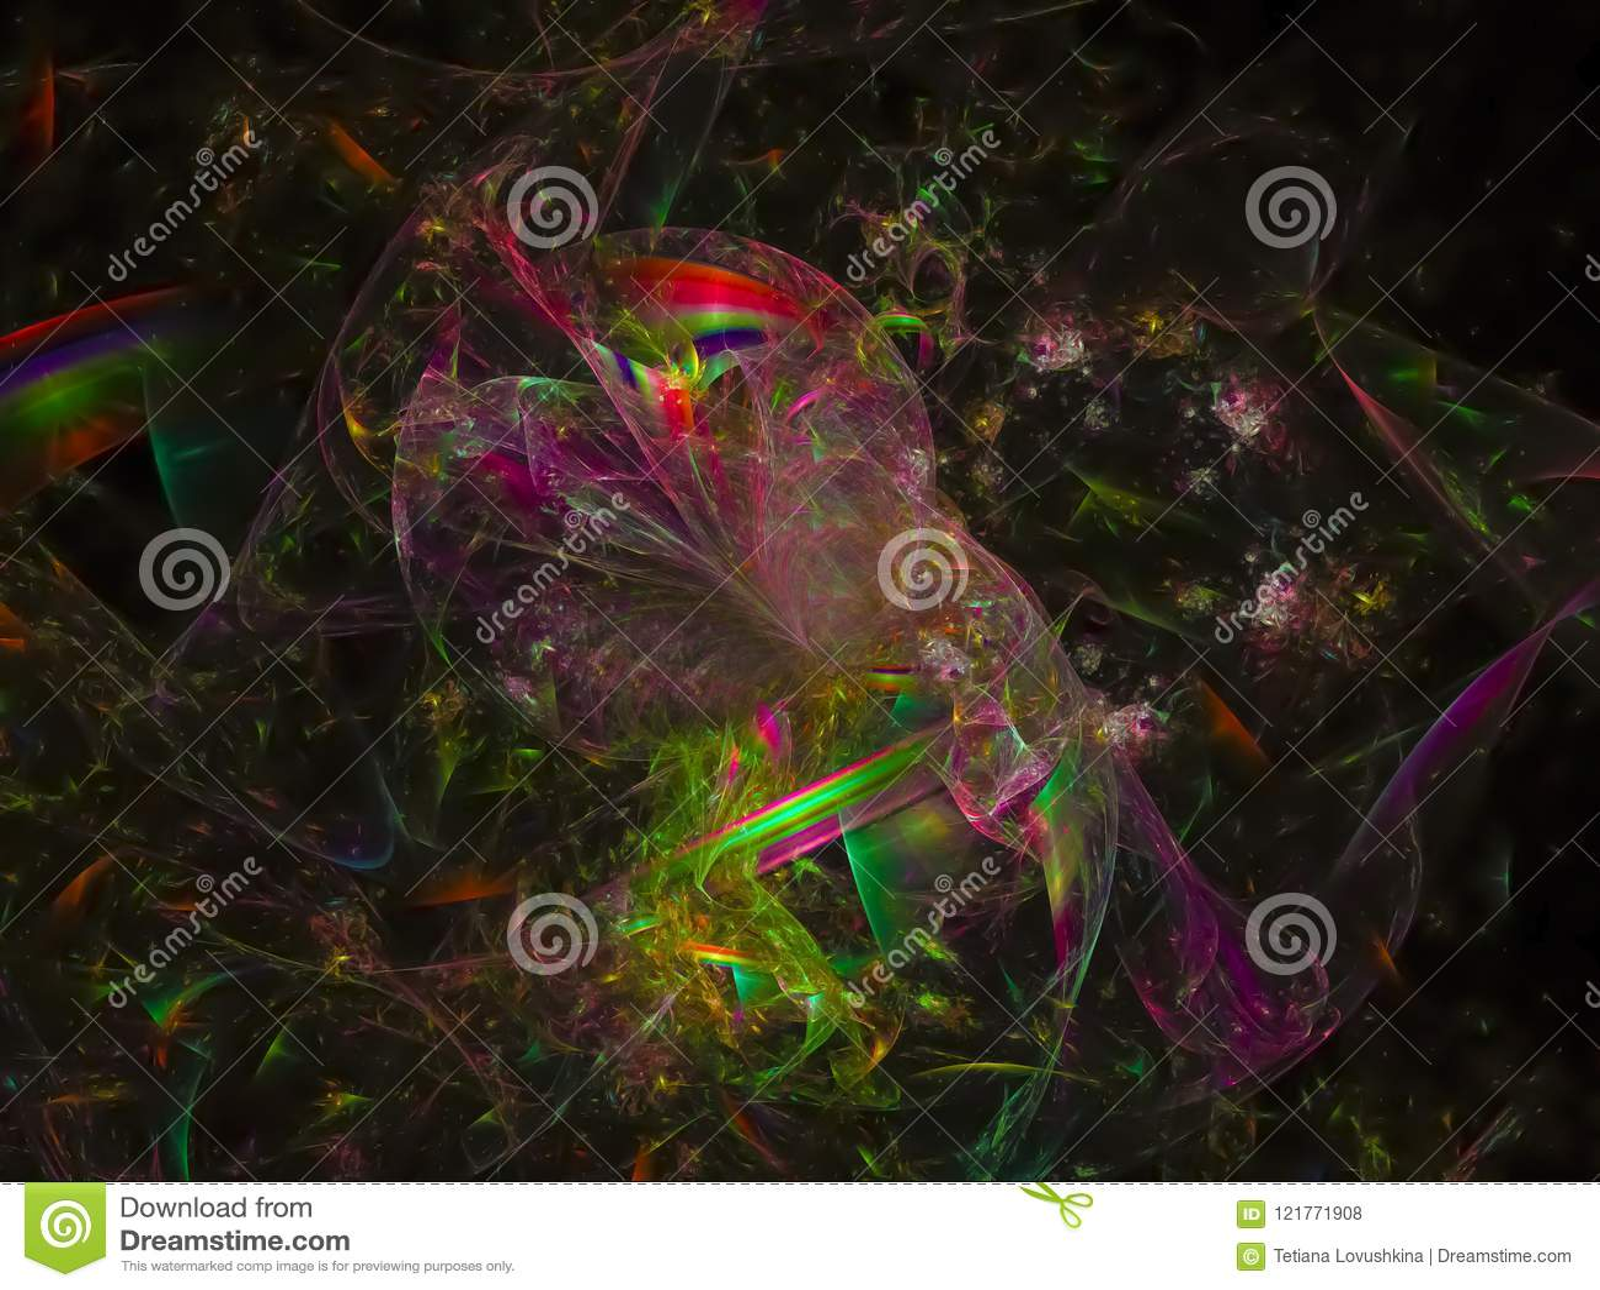 El futuro digital abstracto de la moda del fondo del fractal estalló el diseño moderno, energía, gráfico, fantasía